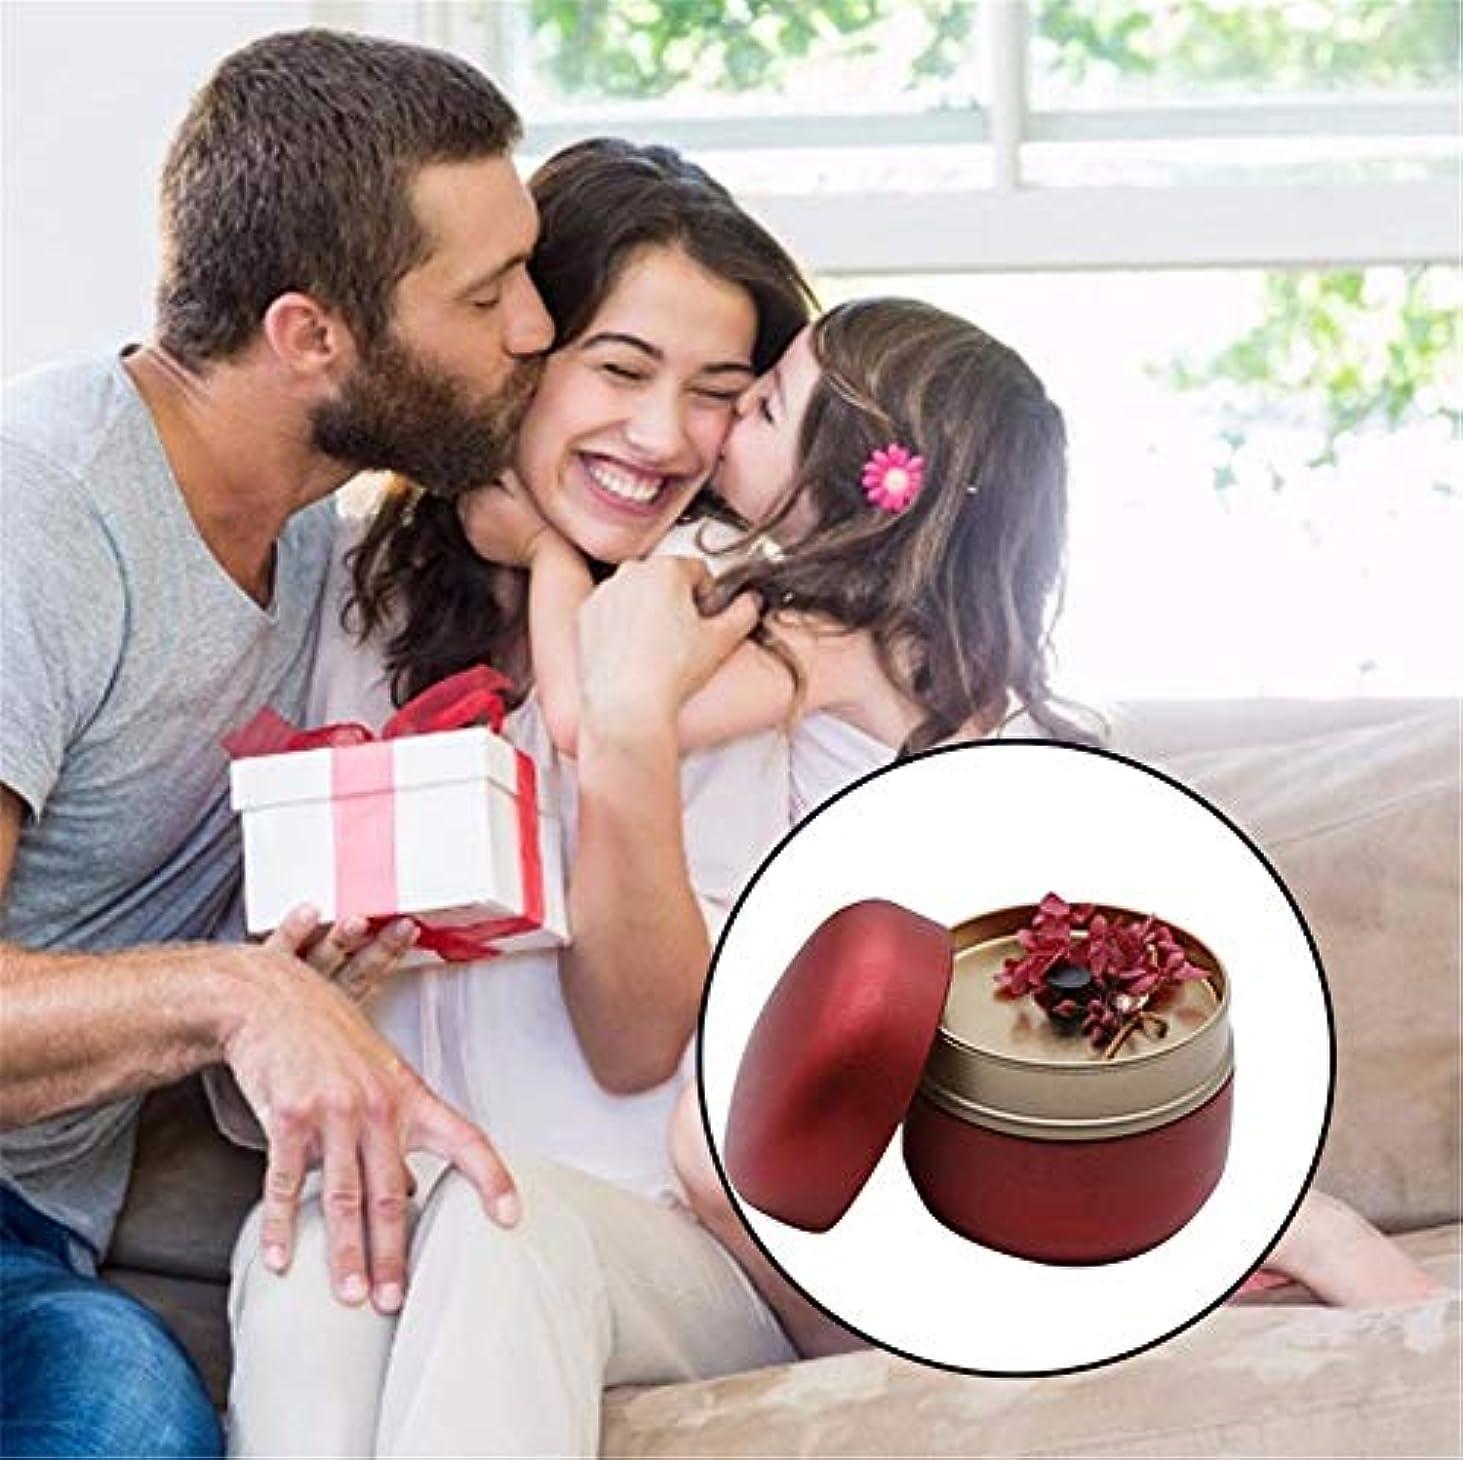 後世ハチコントラストアロマキャンドル 芳香療法 キャンドル 蝋燭 大豆ワックス 植物ワックス おしゃれ 結婚式 誕生日 クリスマス ロマンチック 飾り 燃焼時間 約30時間